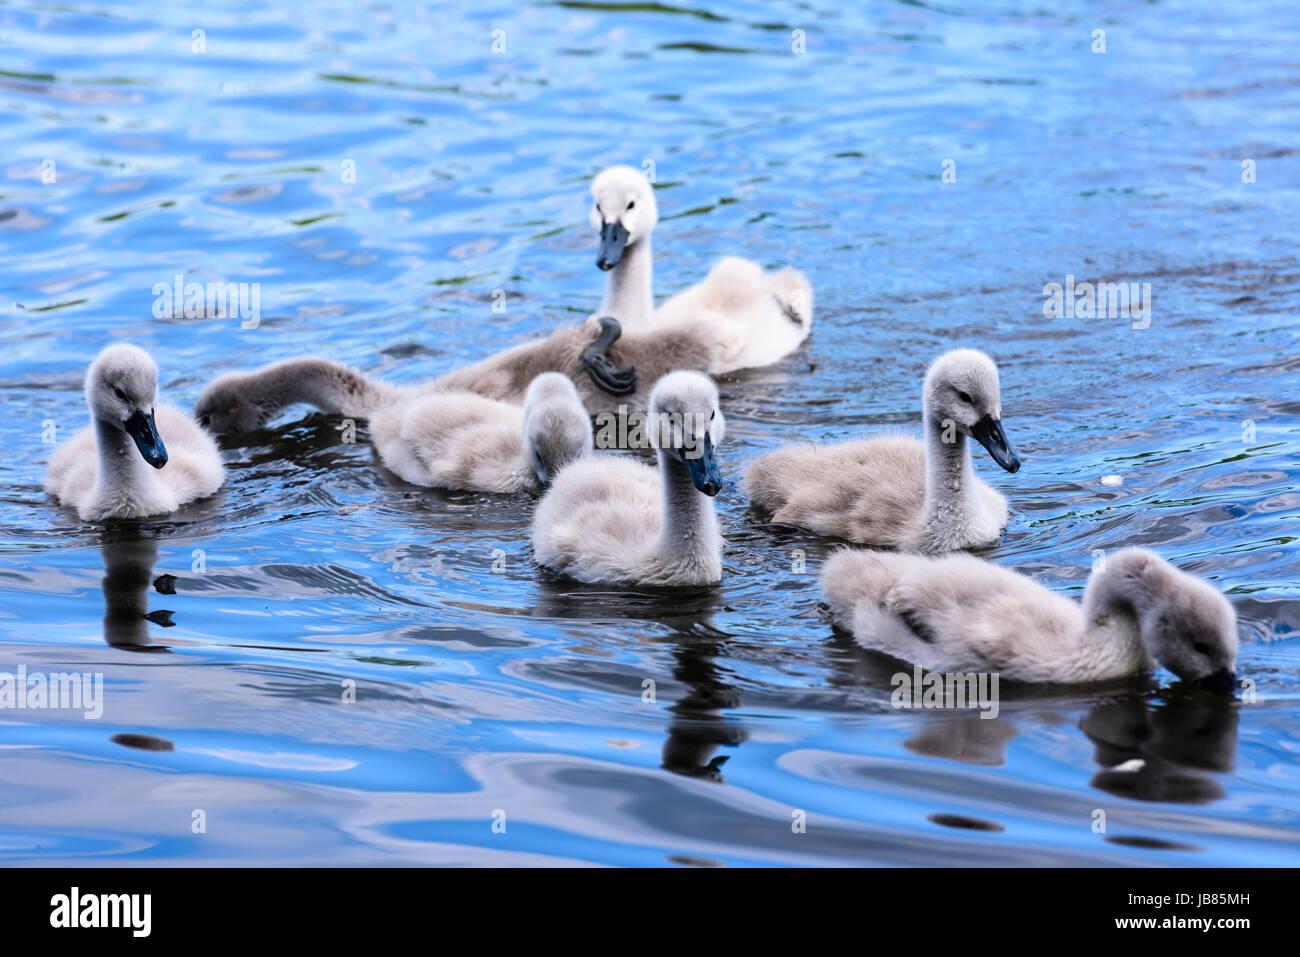 7 cisne cygnets nadando en un lago Imagen De Stock